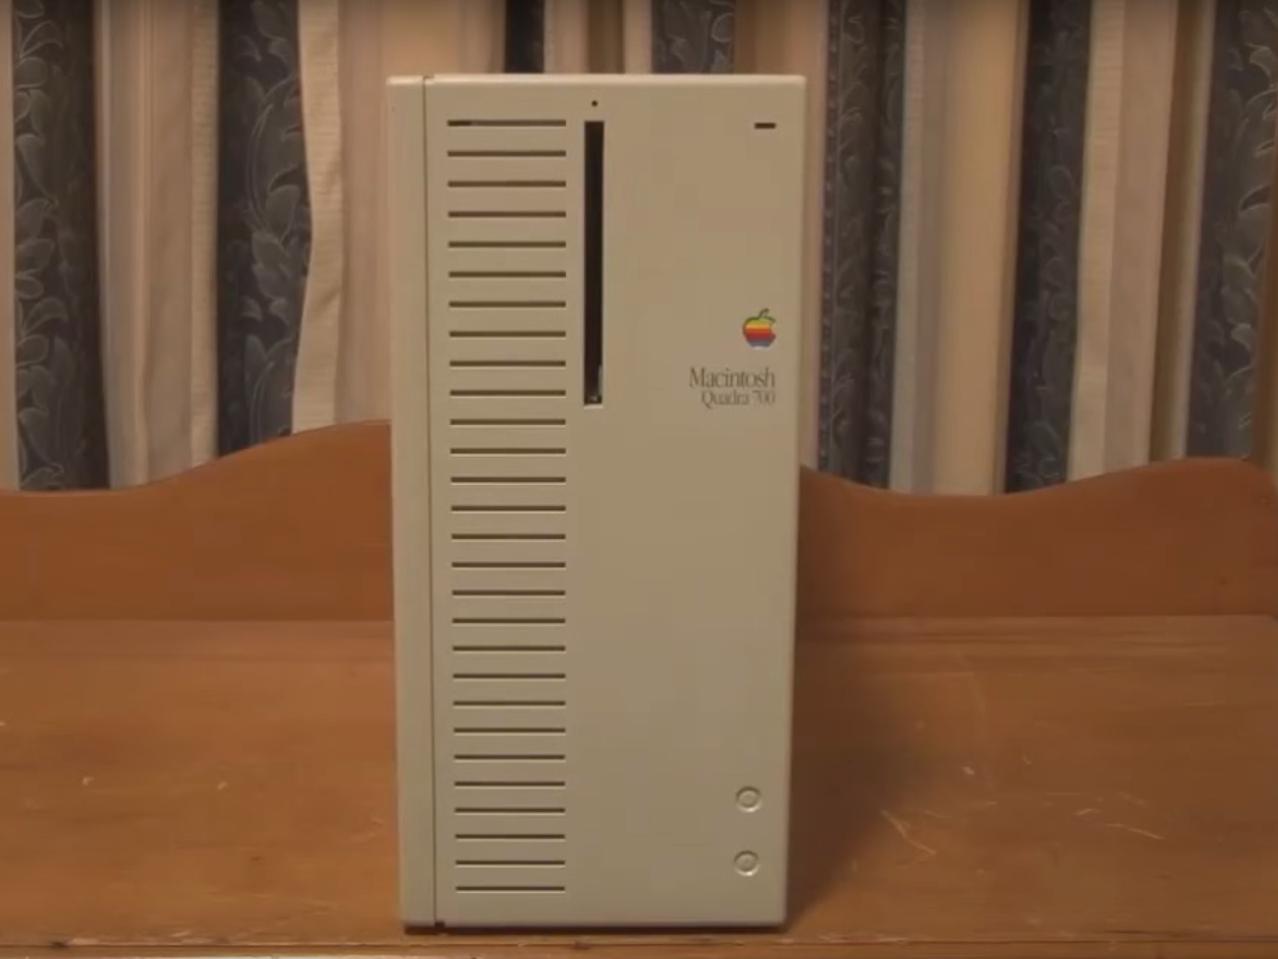 14位 Macintosh Quadra 700(1991年)、5700ドル